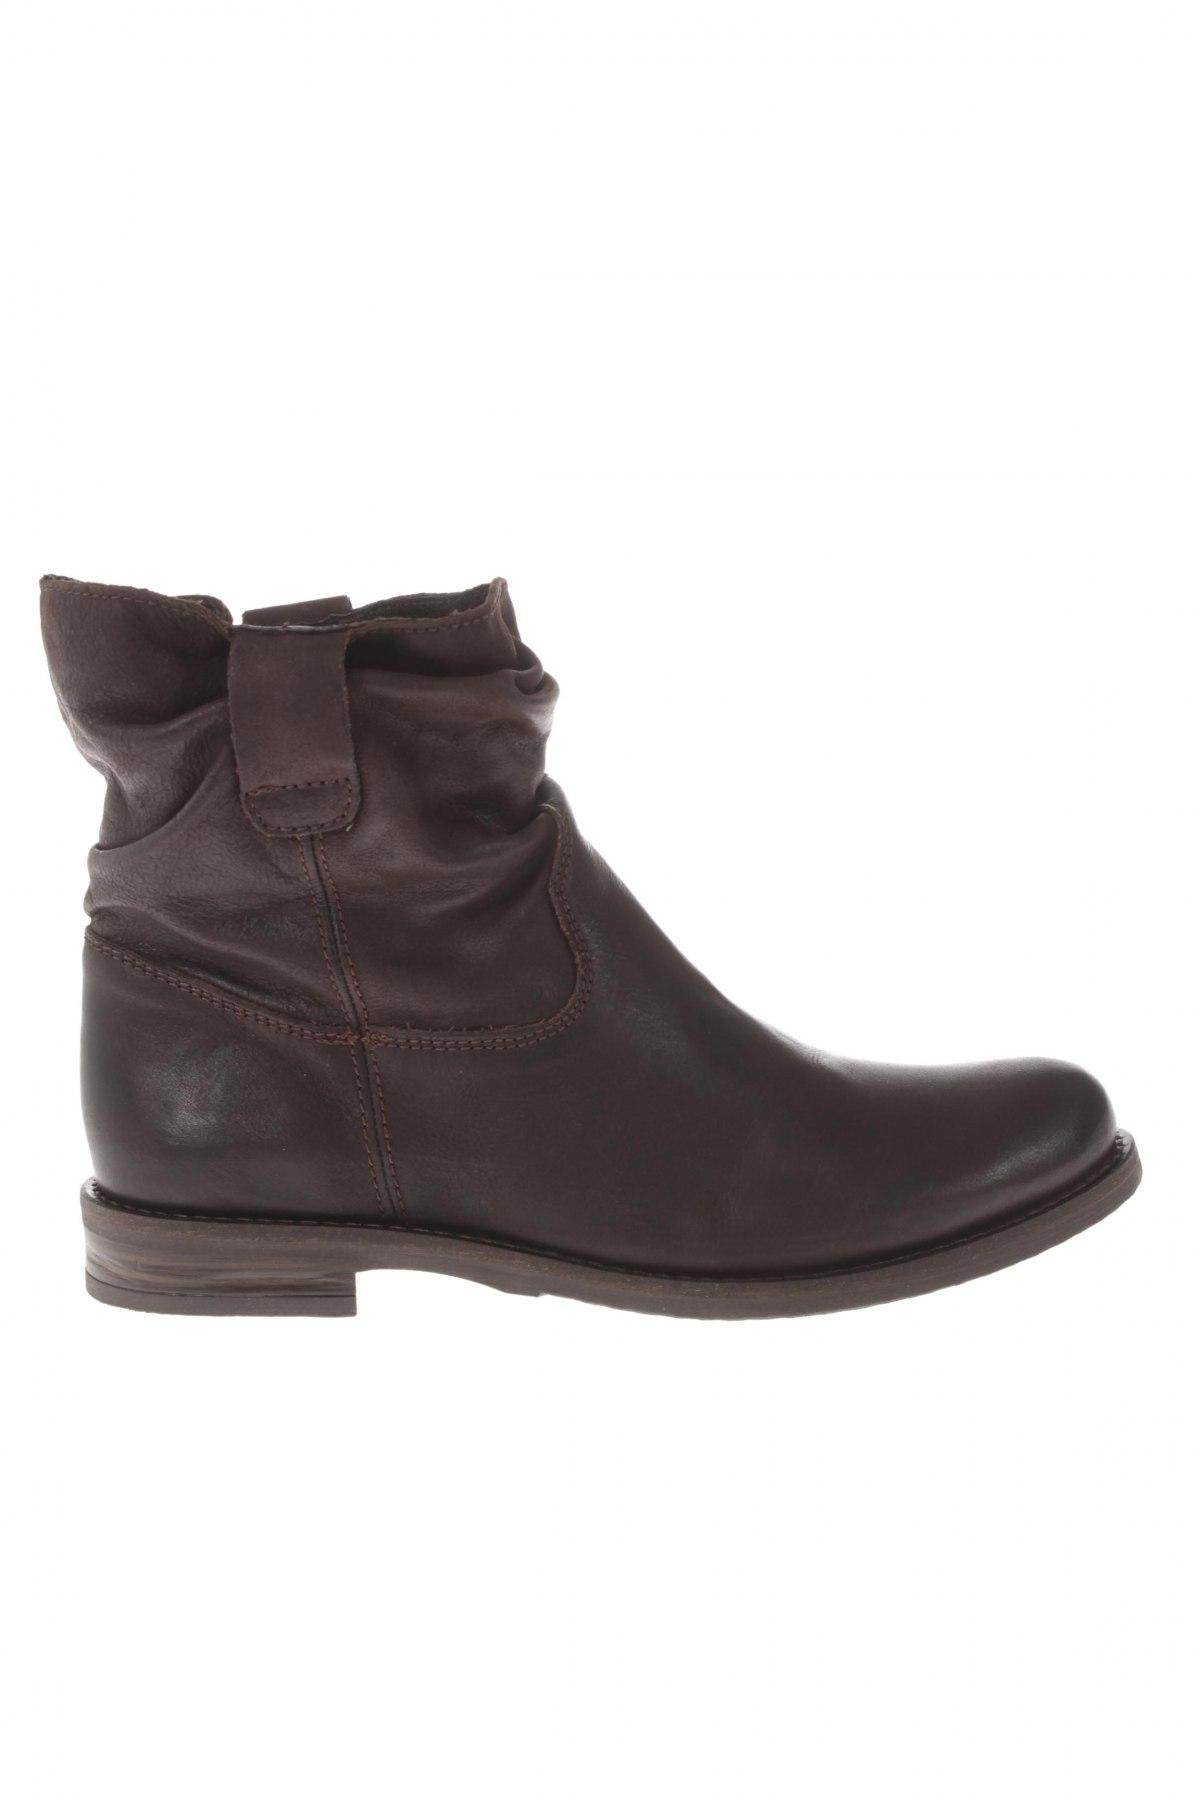 4df001f81757 Dámské topánky Buffalo - za výhodnú cenu na Remix -  7799330